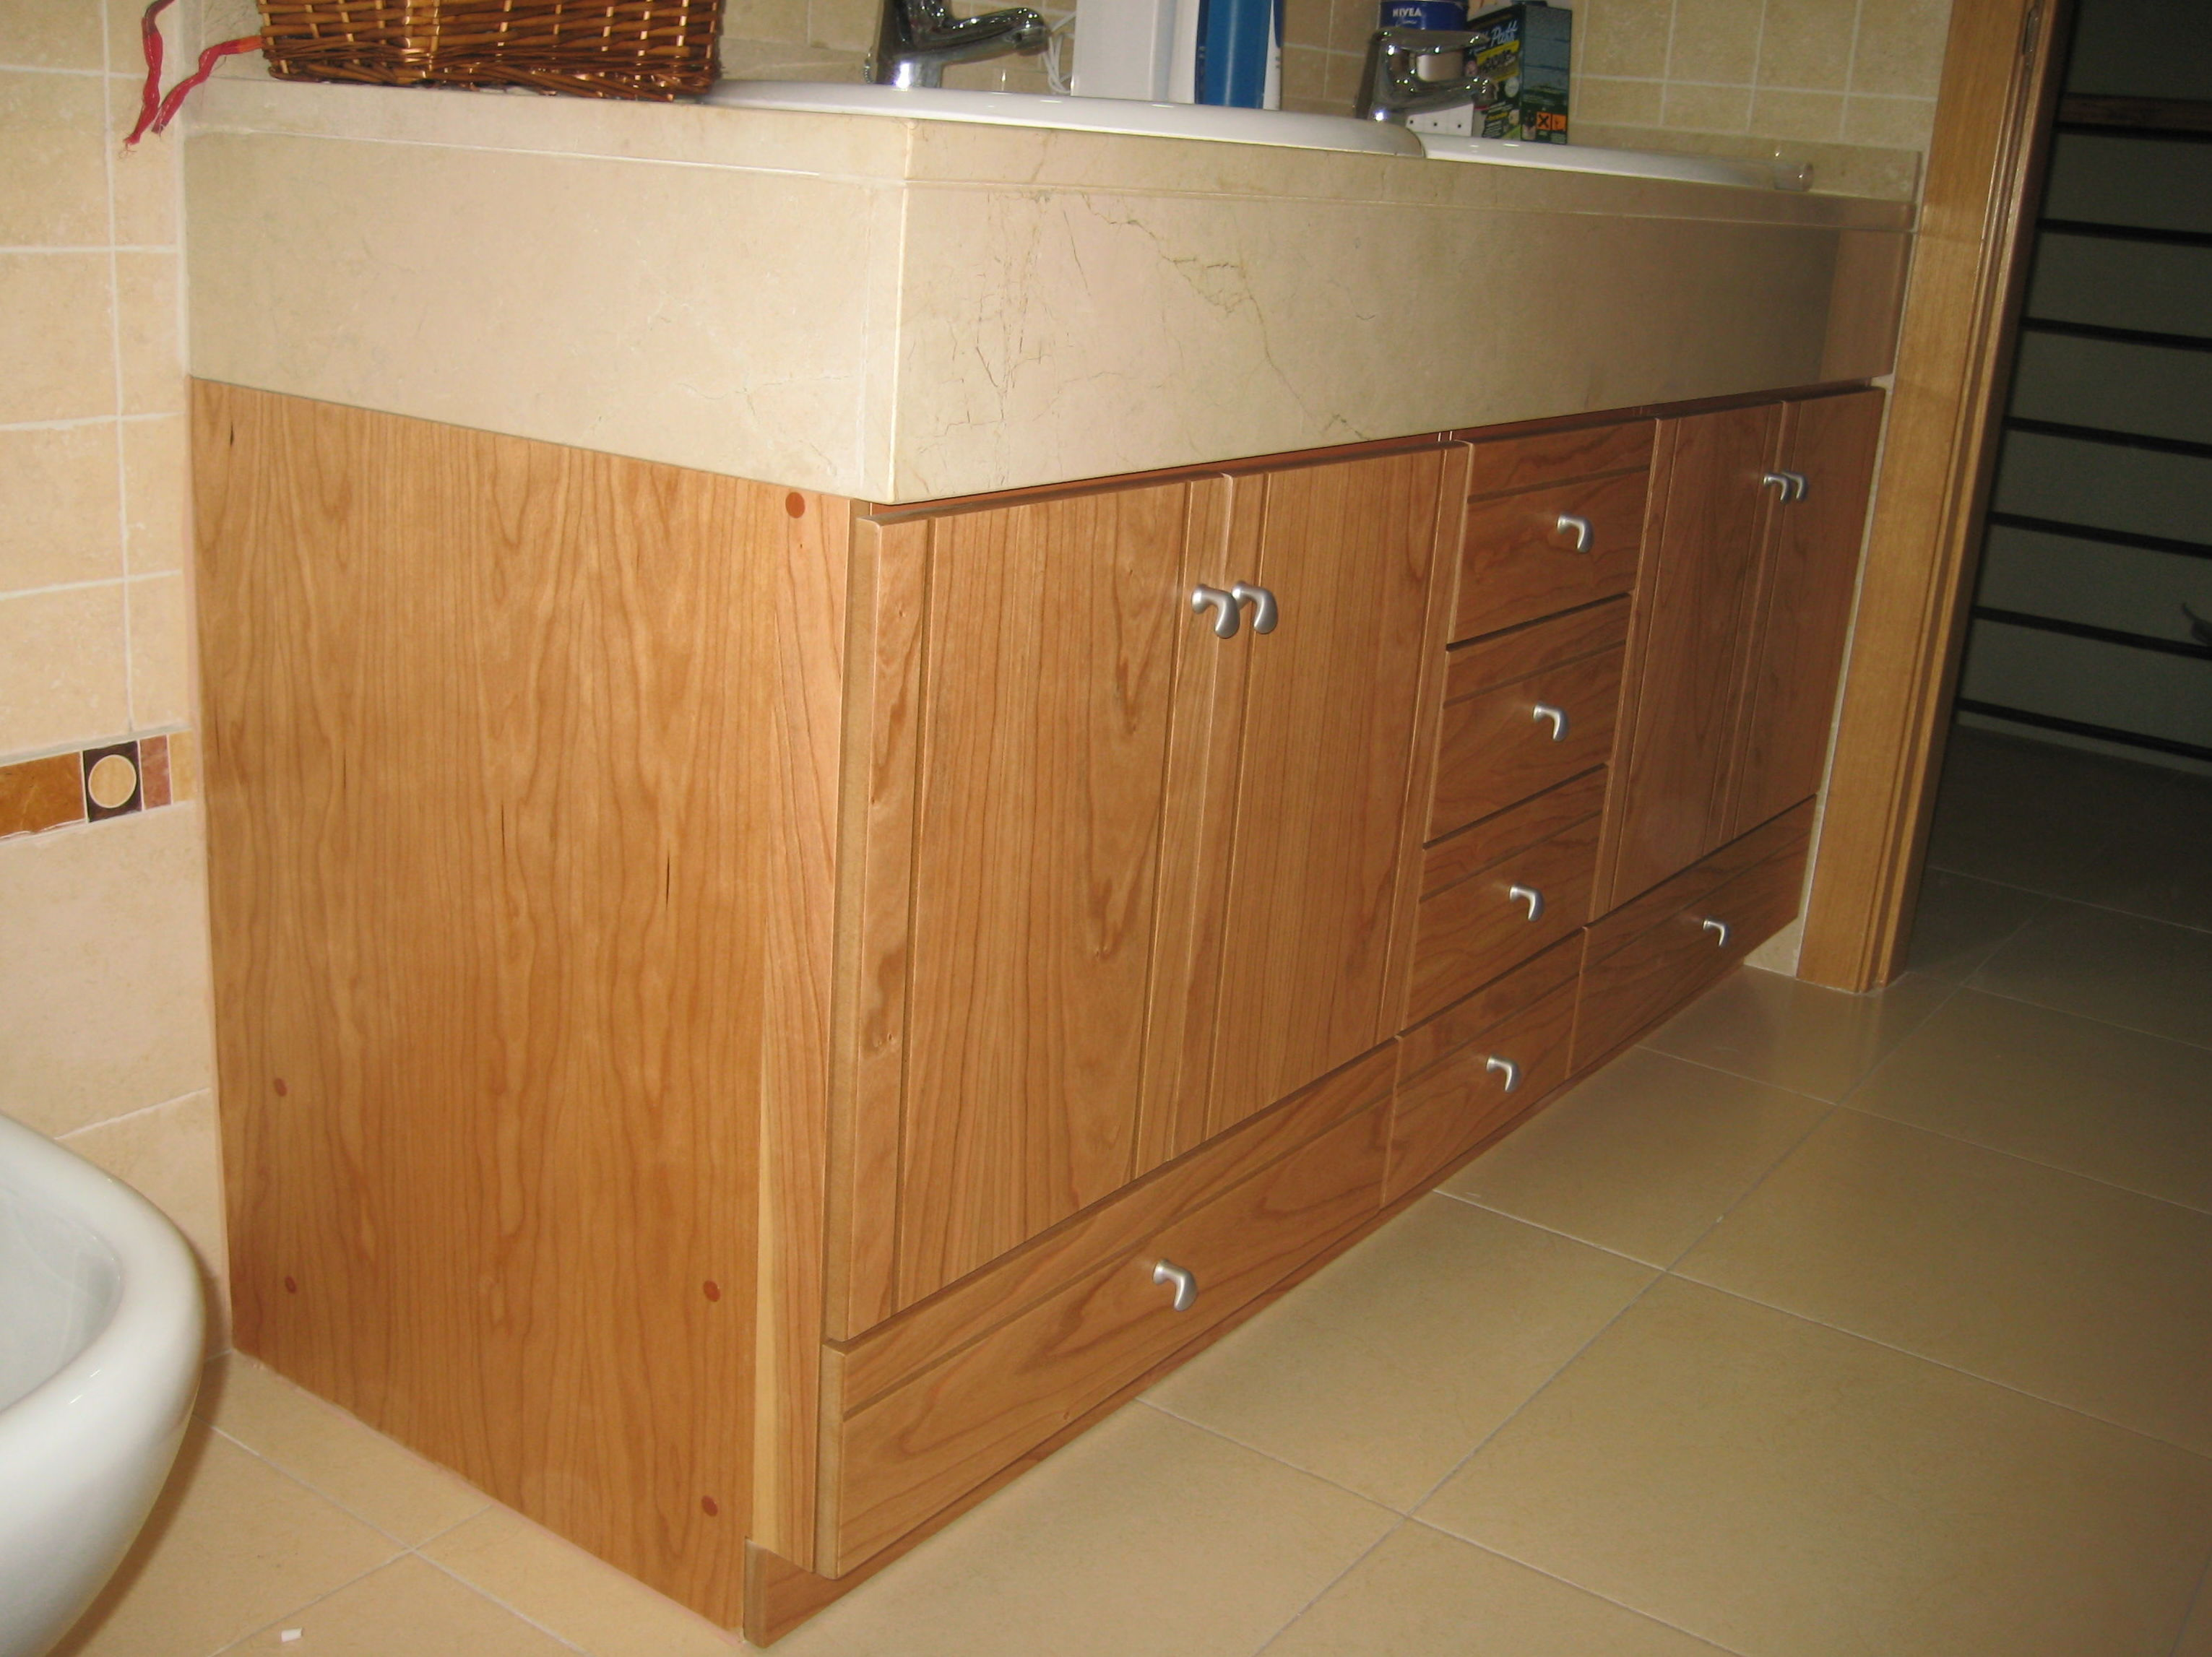 mueble de baño bajo encimera a medida madera de cerezo